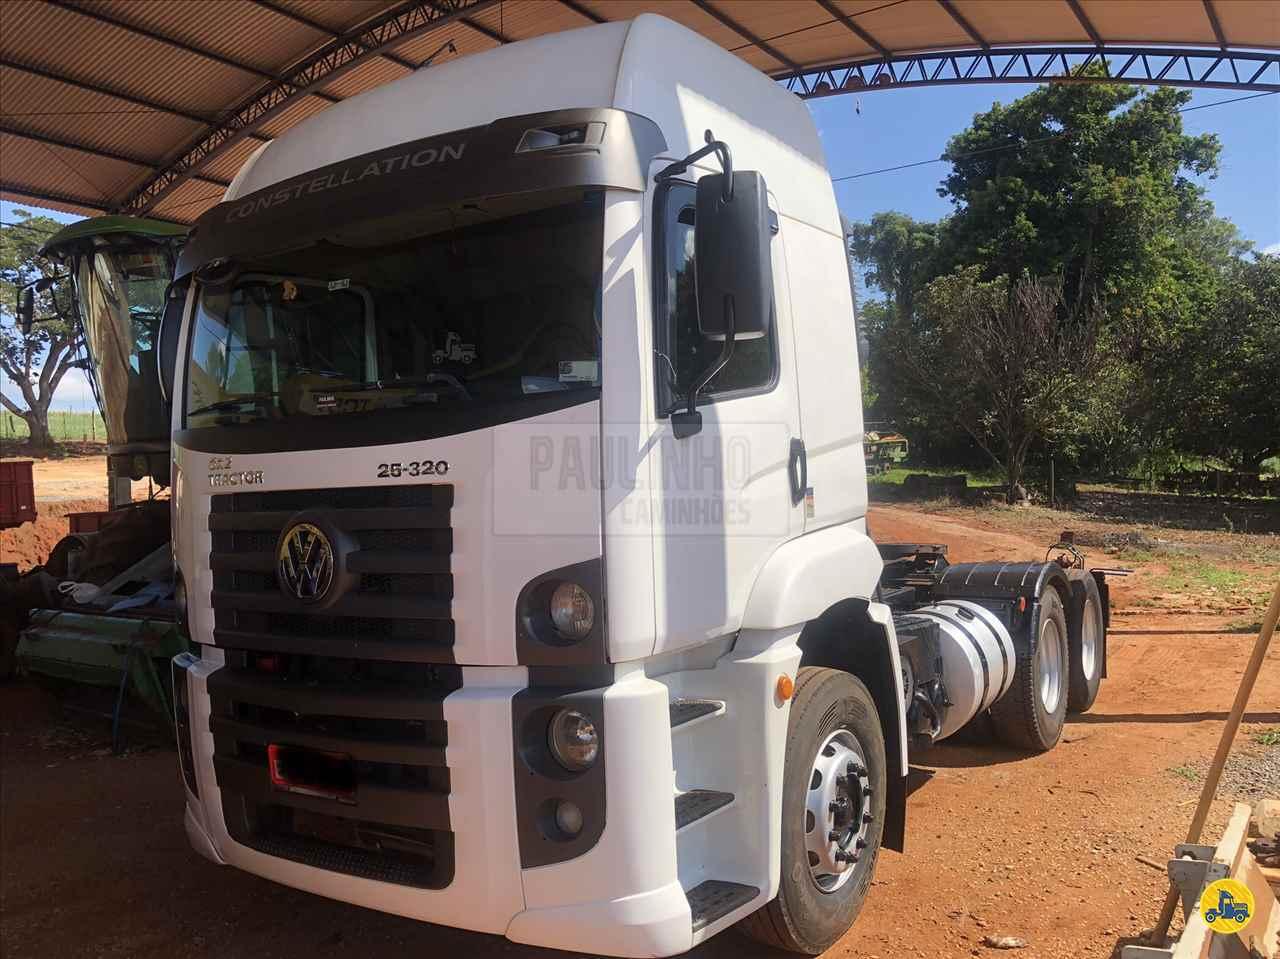 CAMINHAO VOLKSWAGEN VW 25320 Cavalo Mecânico Truck 6x2 Paulinho Caminhões Itapeva  ITAPEVA SÃO PAULO SP